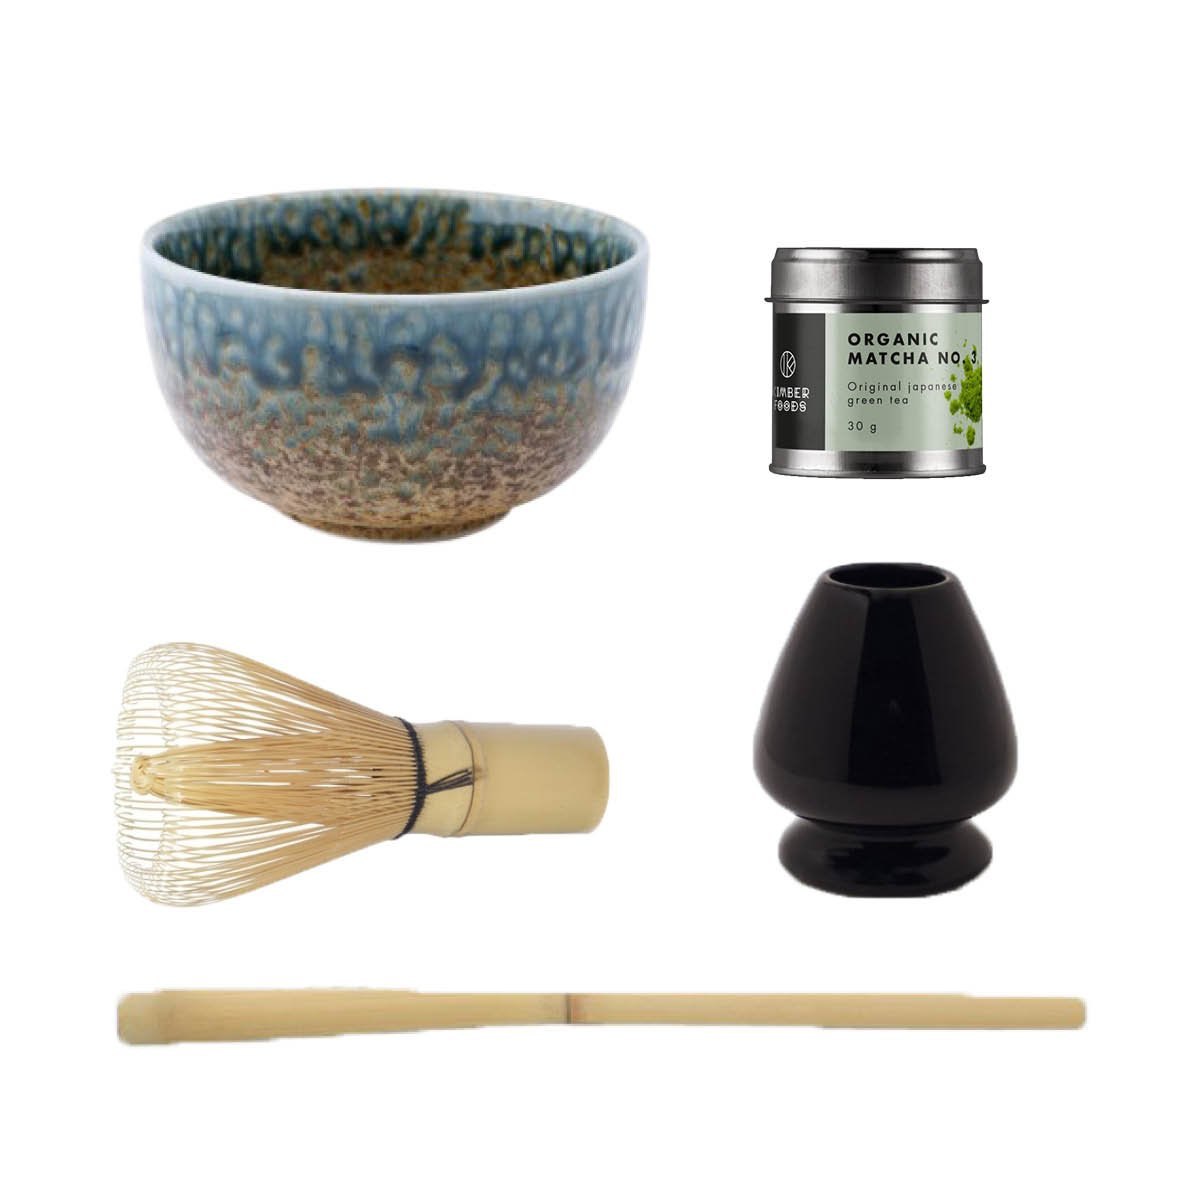 Matcha sæt med japansk MATCHA No. 3 økologisk, blå matcha teskål